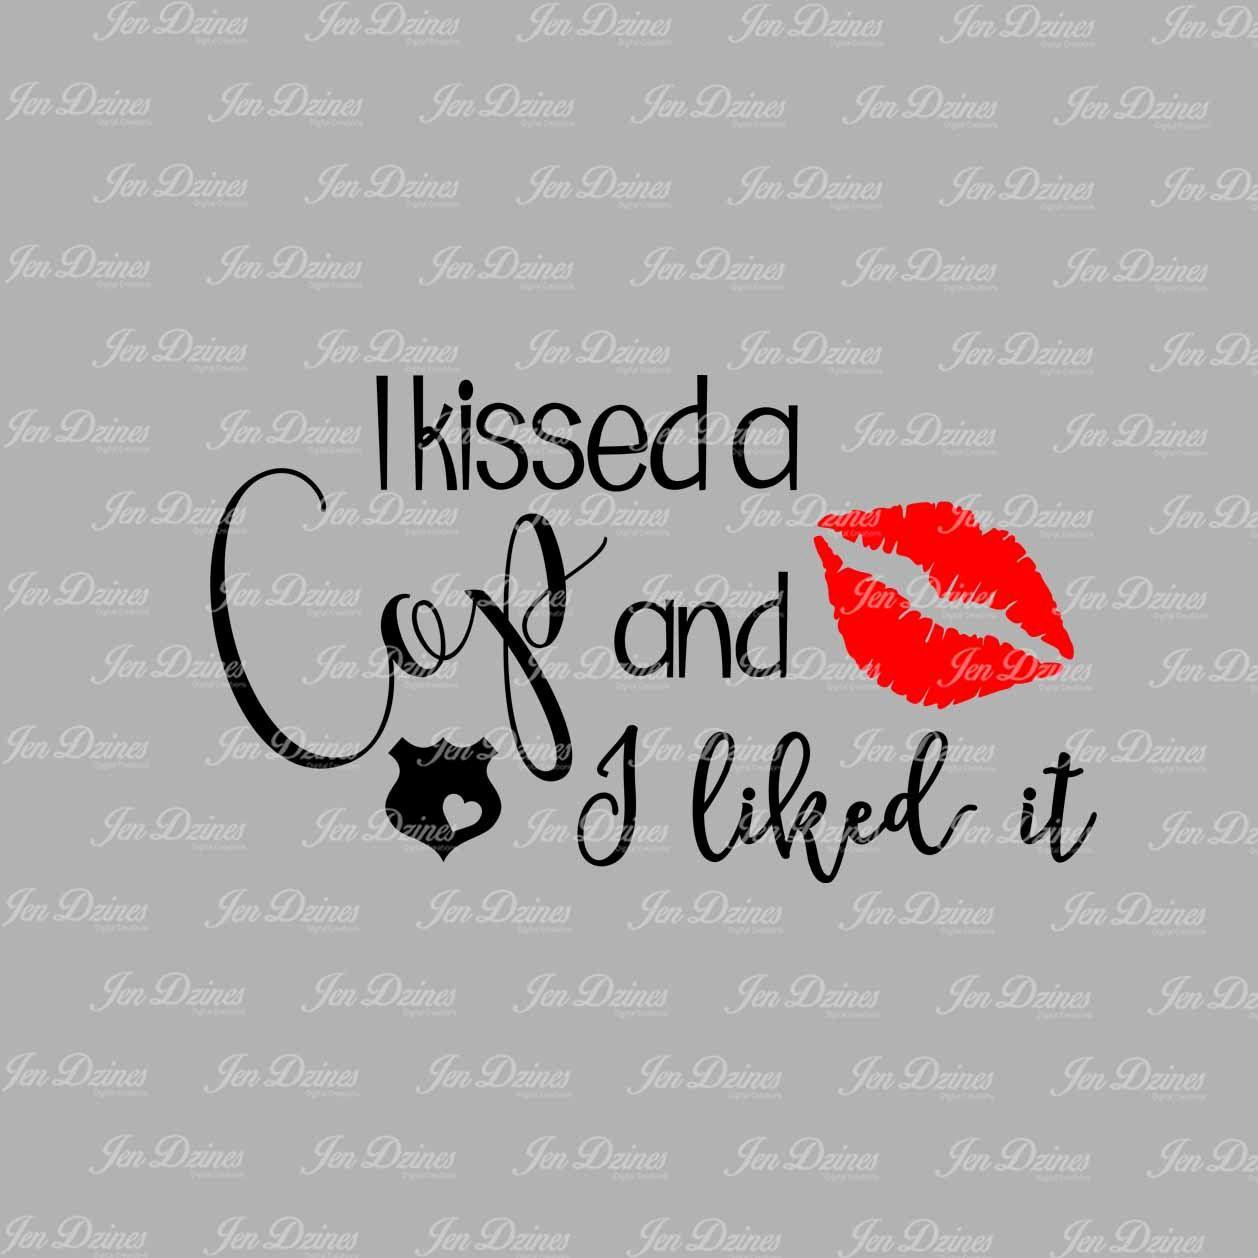 I Kissed a Cop, SVG DXF EPS , Police svg, police wife svg